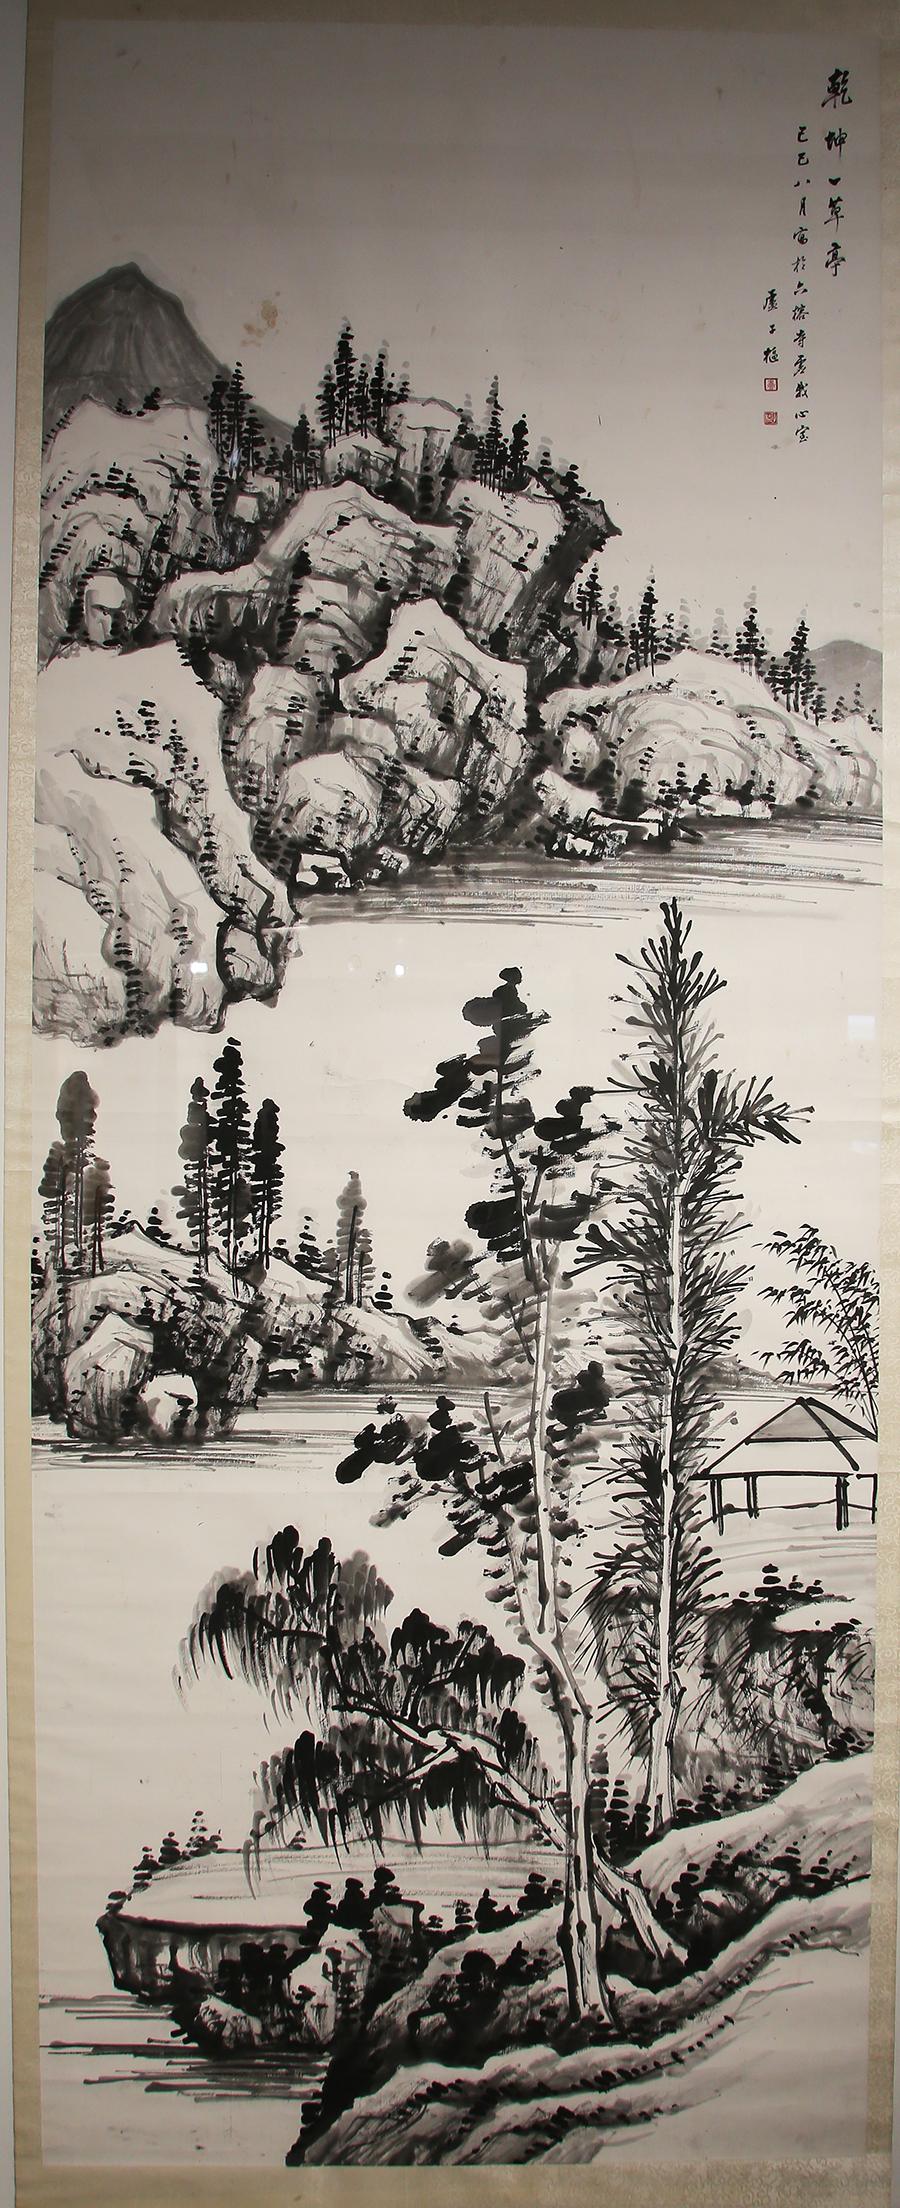 卢子枢《乾坤一草堂》中国画 1929年 广州艺术博物院藏